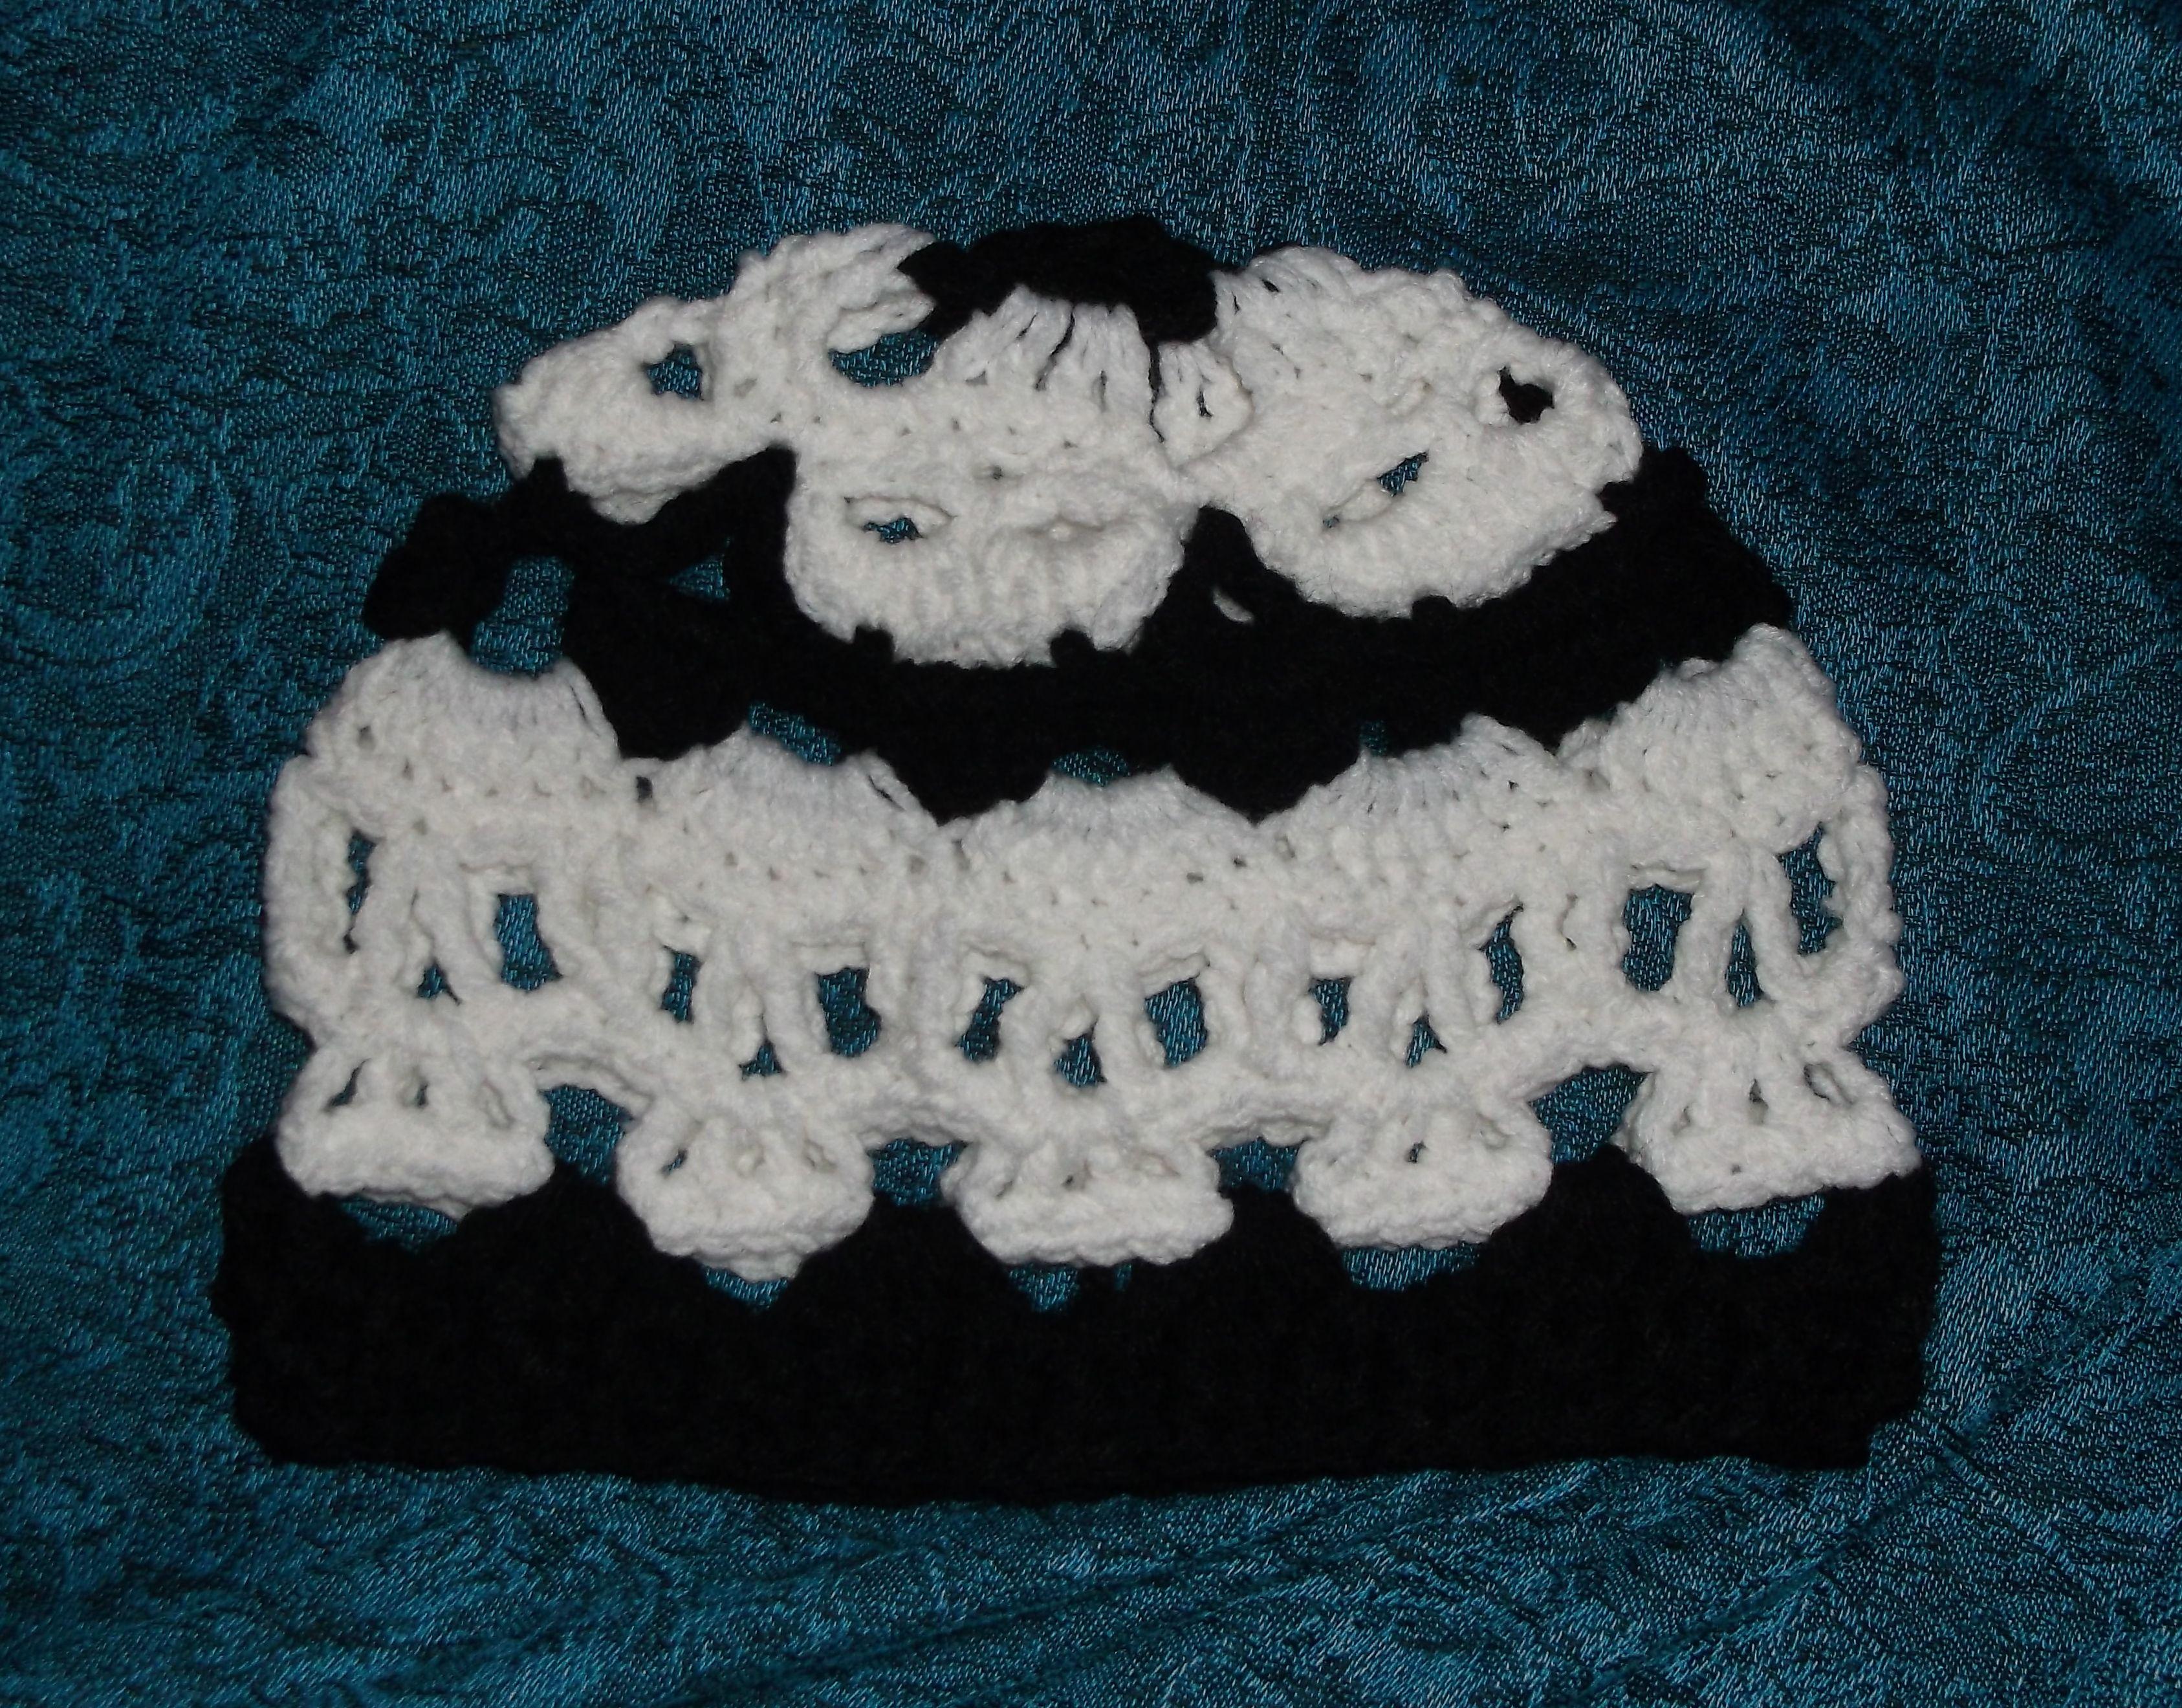 Creepy Skull Crochet Hat | Crochet Hats / Headbands | Pinterest ...